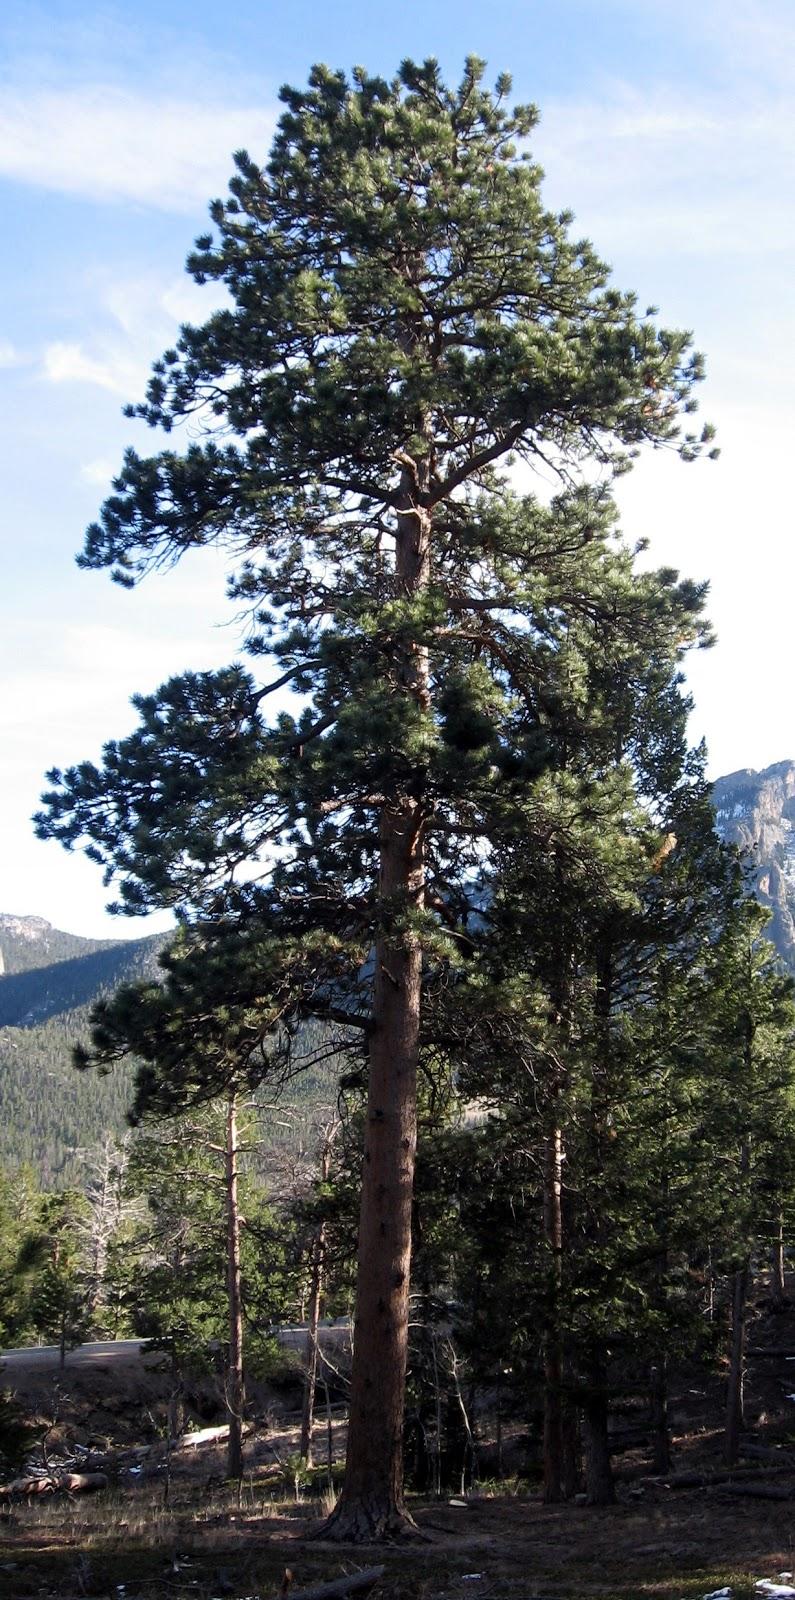 mountains pine trees - photo #23